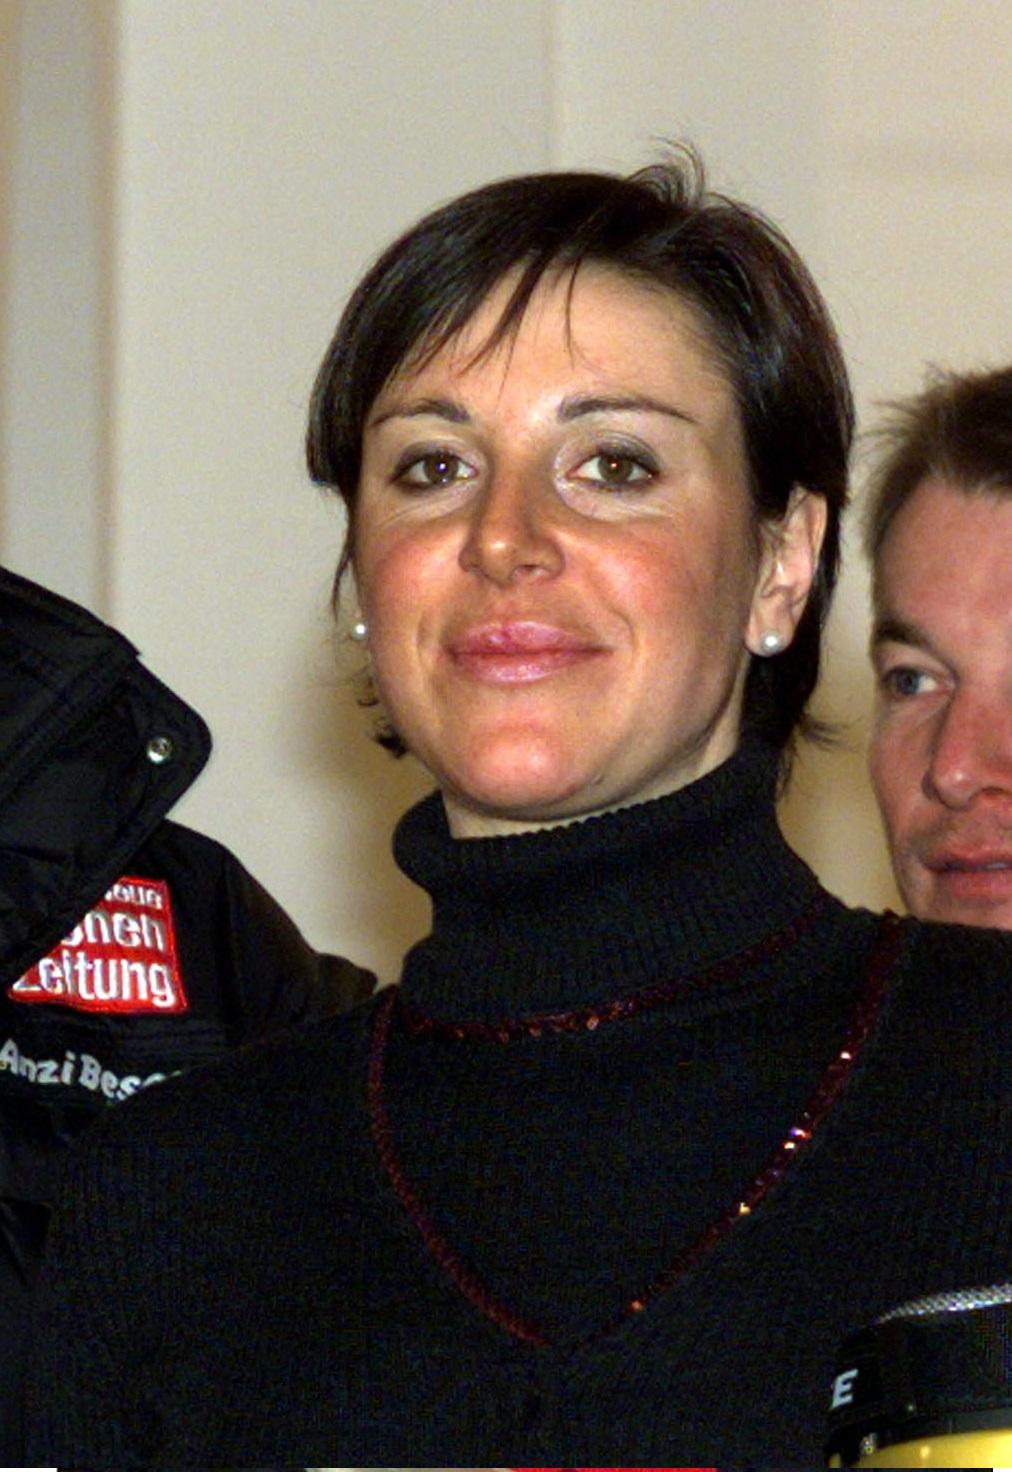 Compagnoni, en un acto promocional en Italia en 2000 (Archivo 20minutos).